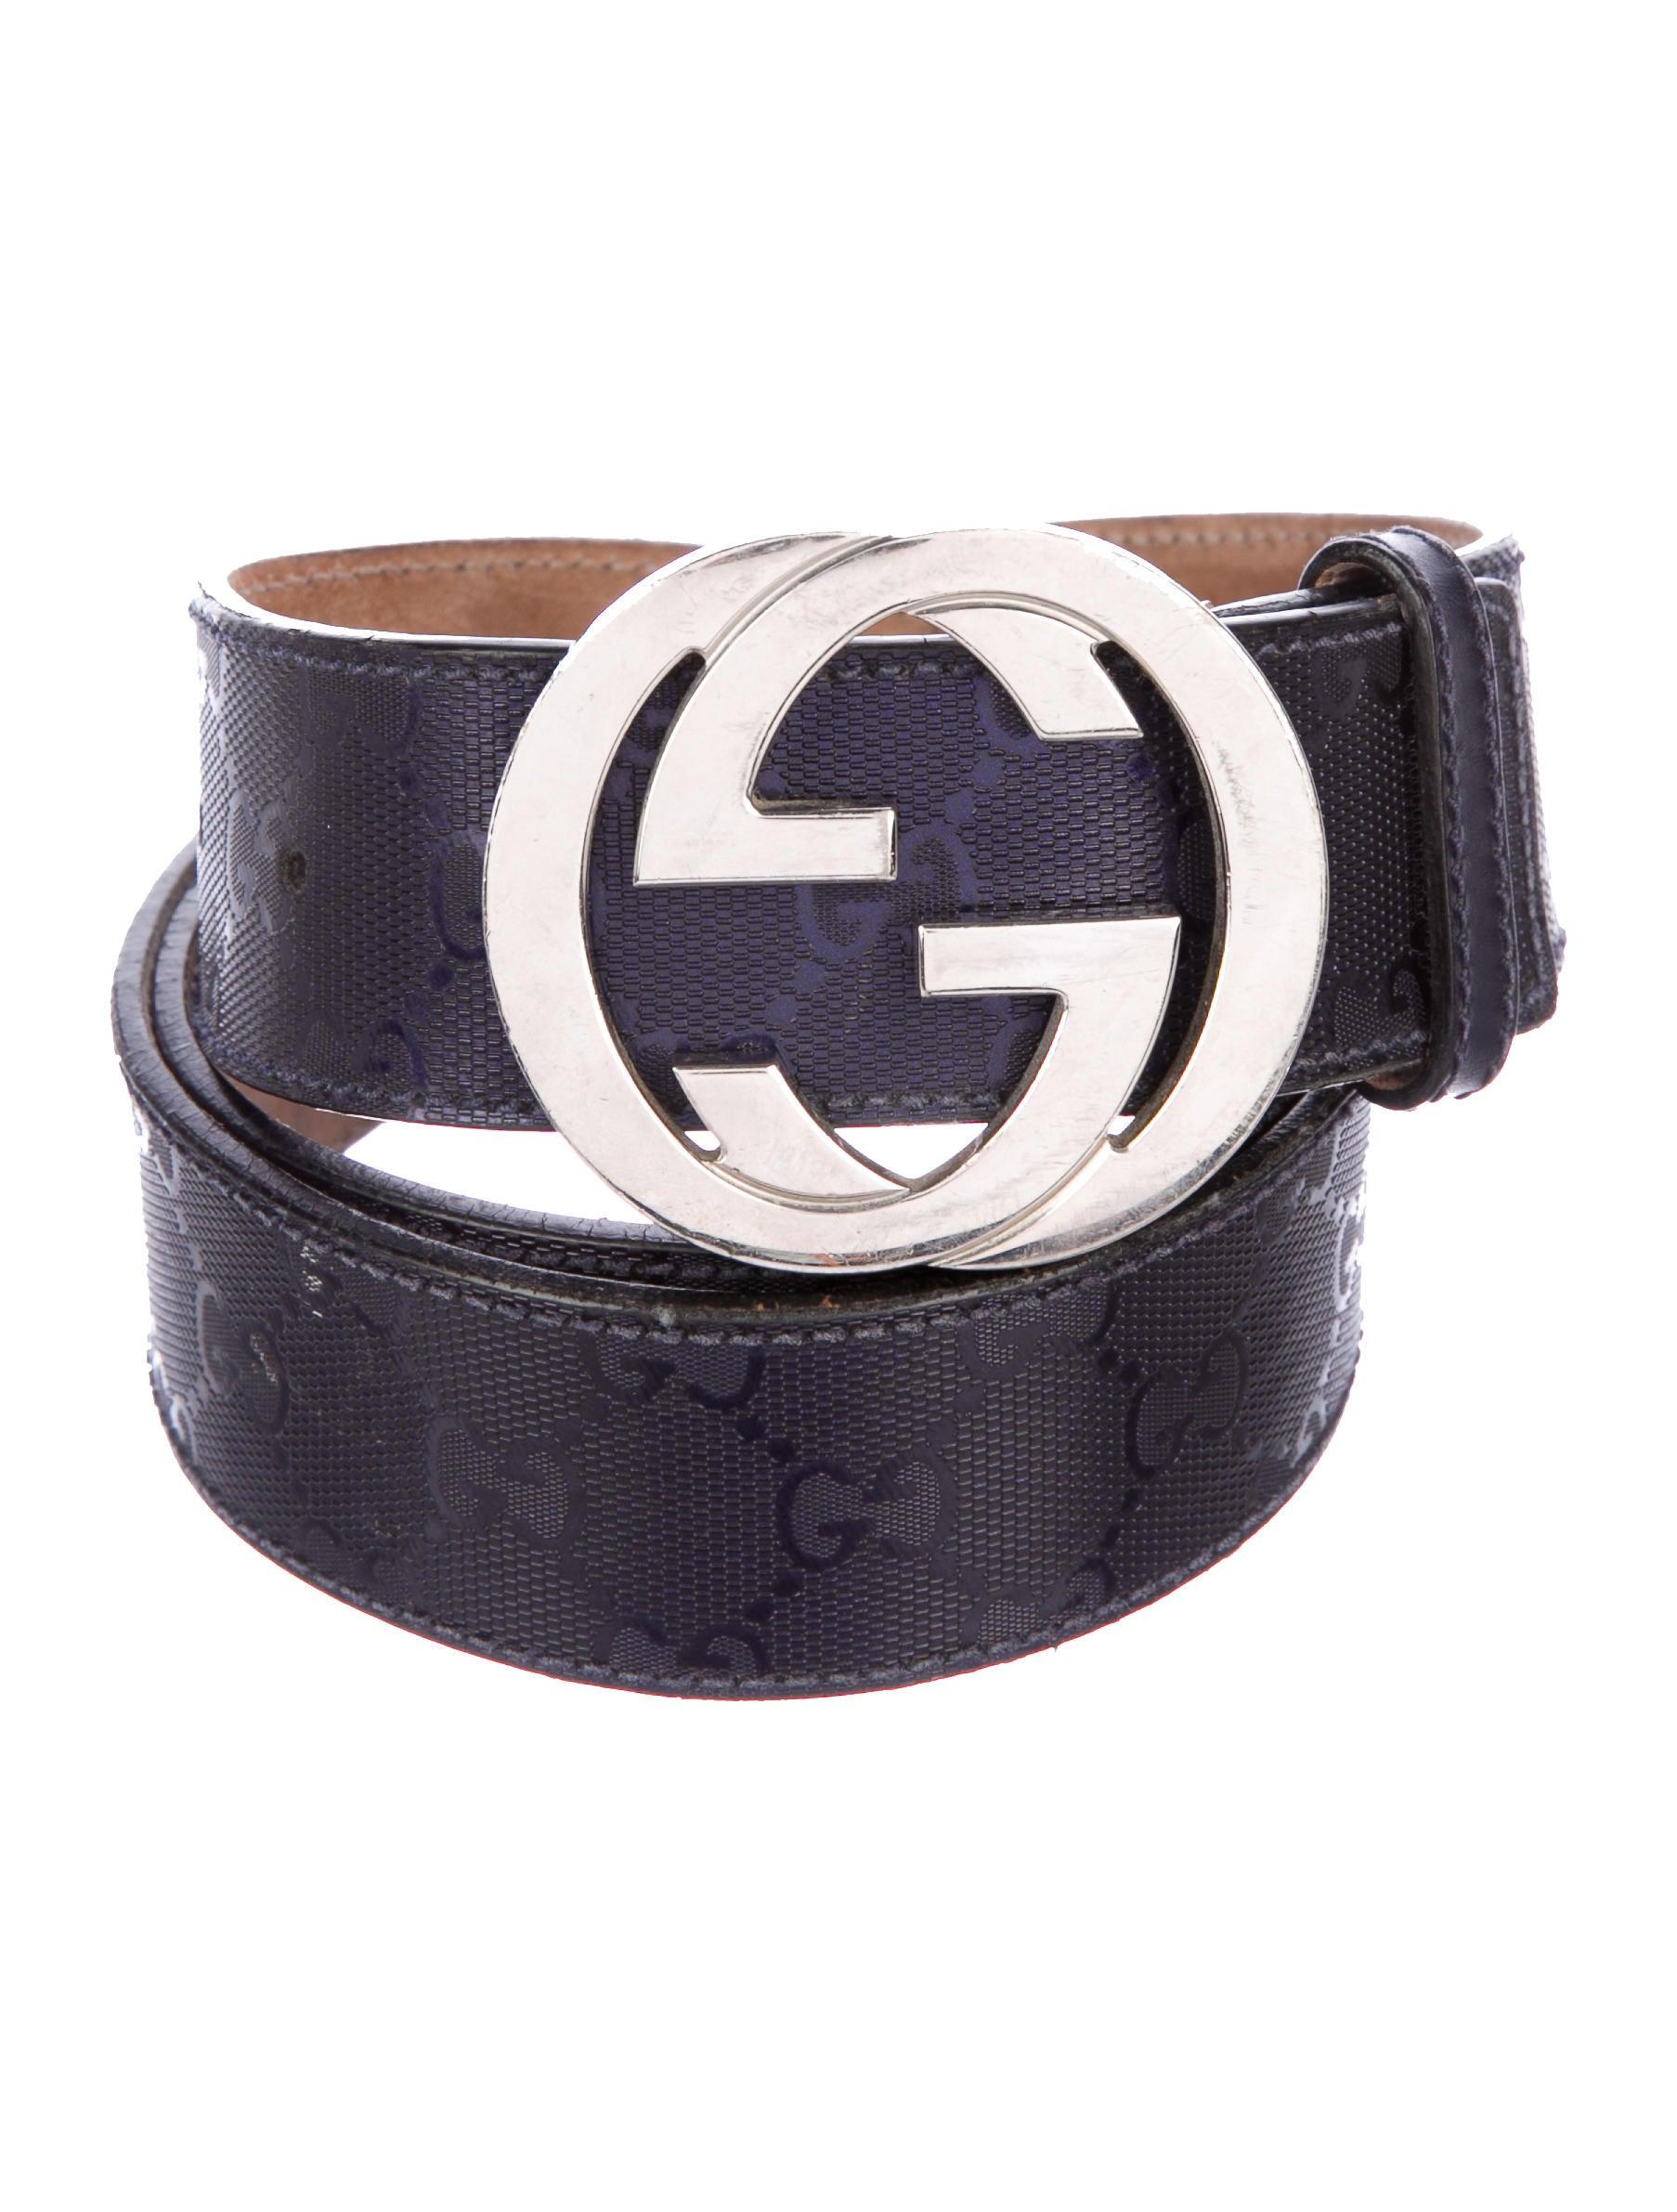 327f235bae7 Gucci GG Imprimé GG Belt - Accessories - GUC244840